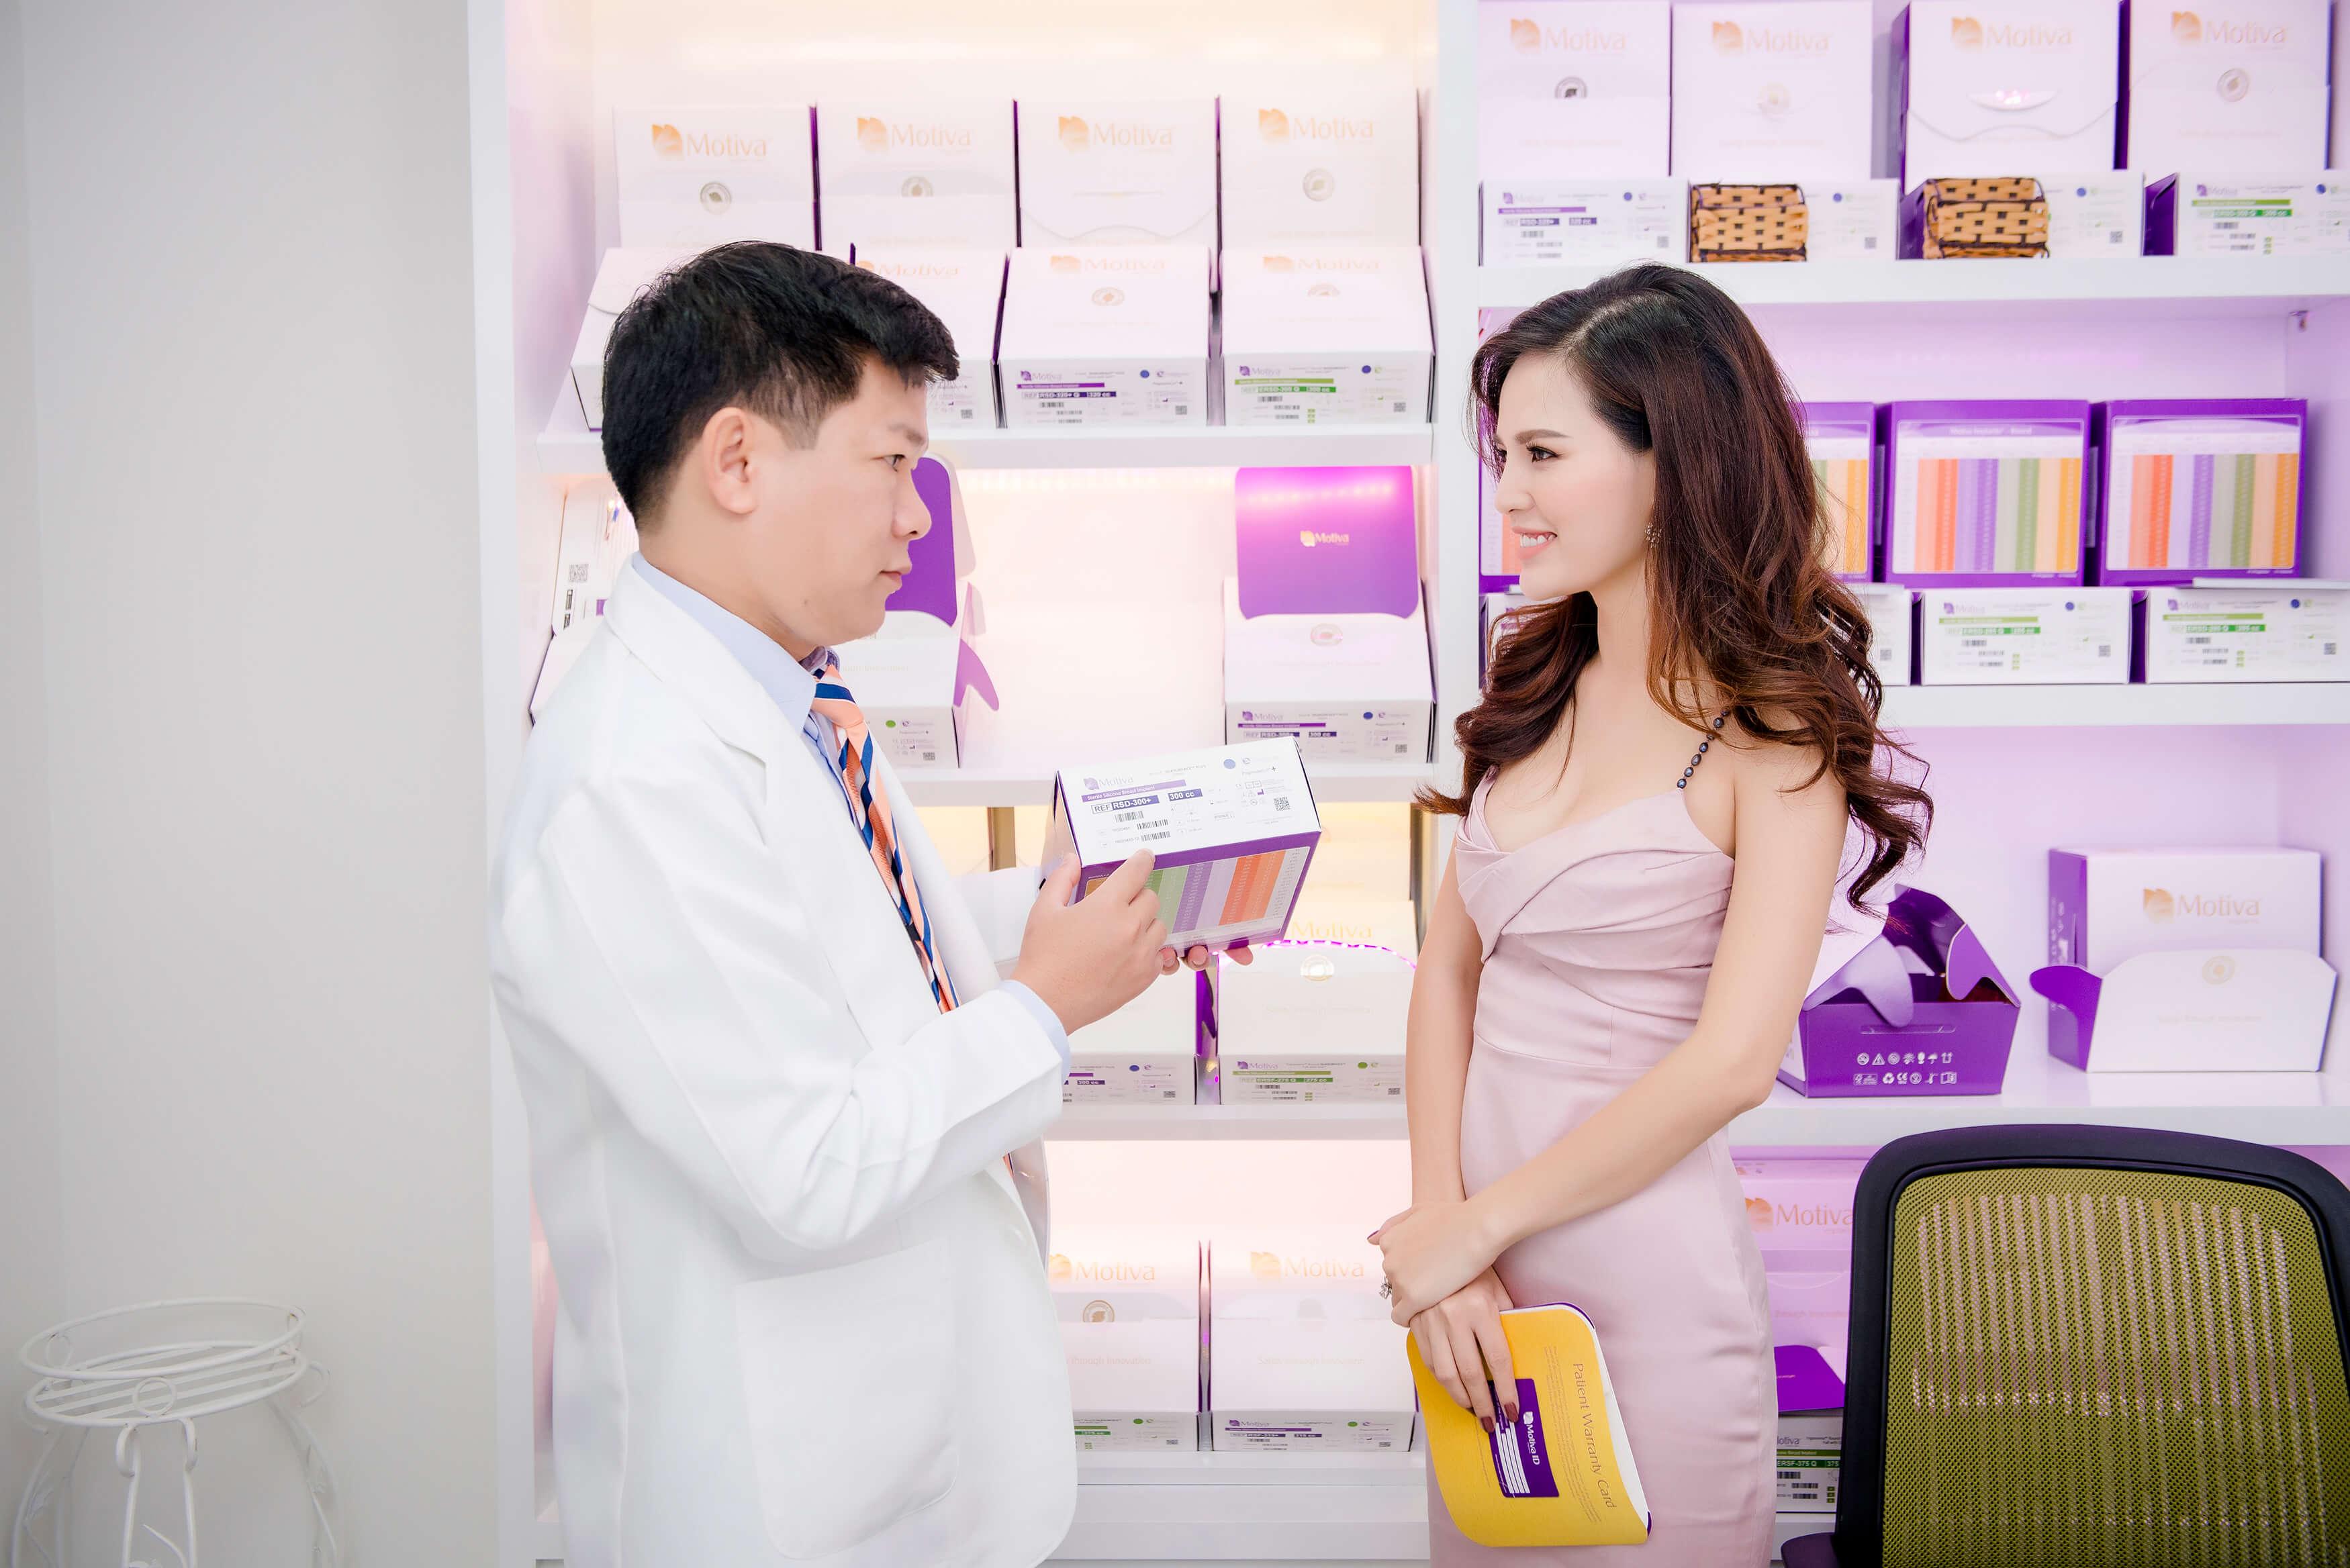 Phẫu thuật nâng ngực như thế nào - Nhật kí người trong cuộc - Ảnh 6